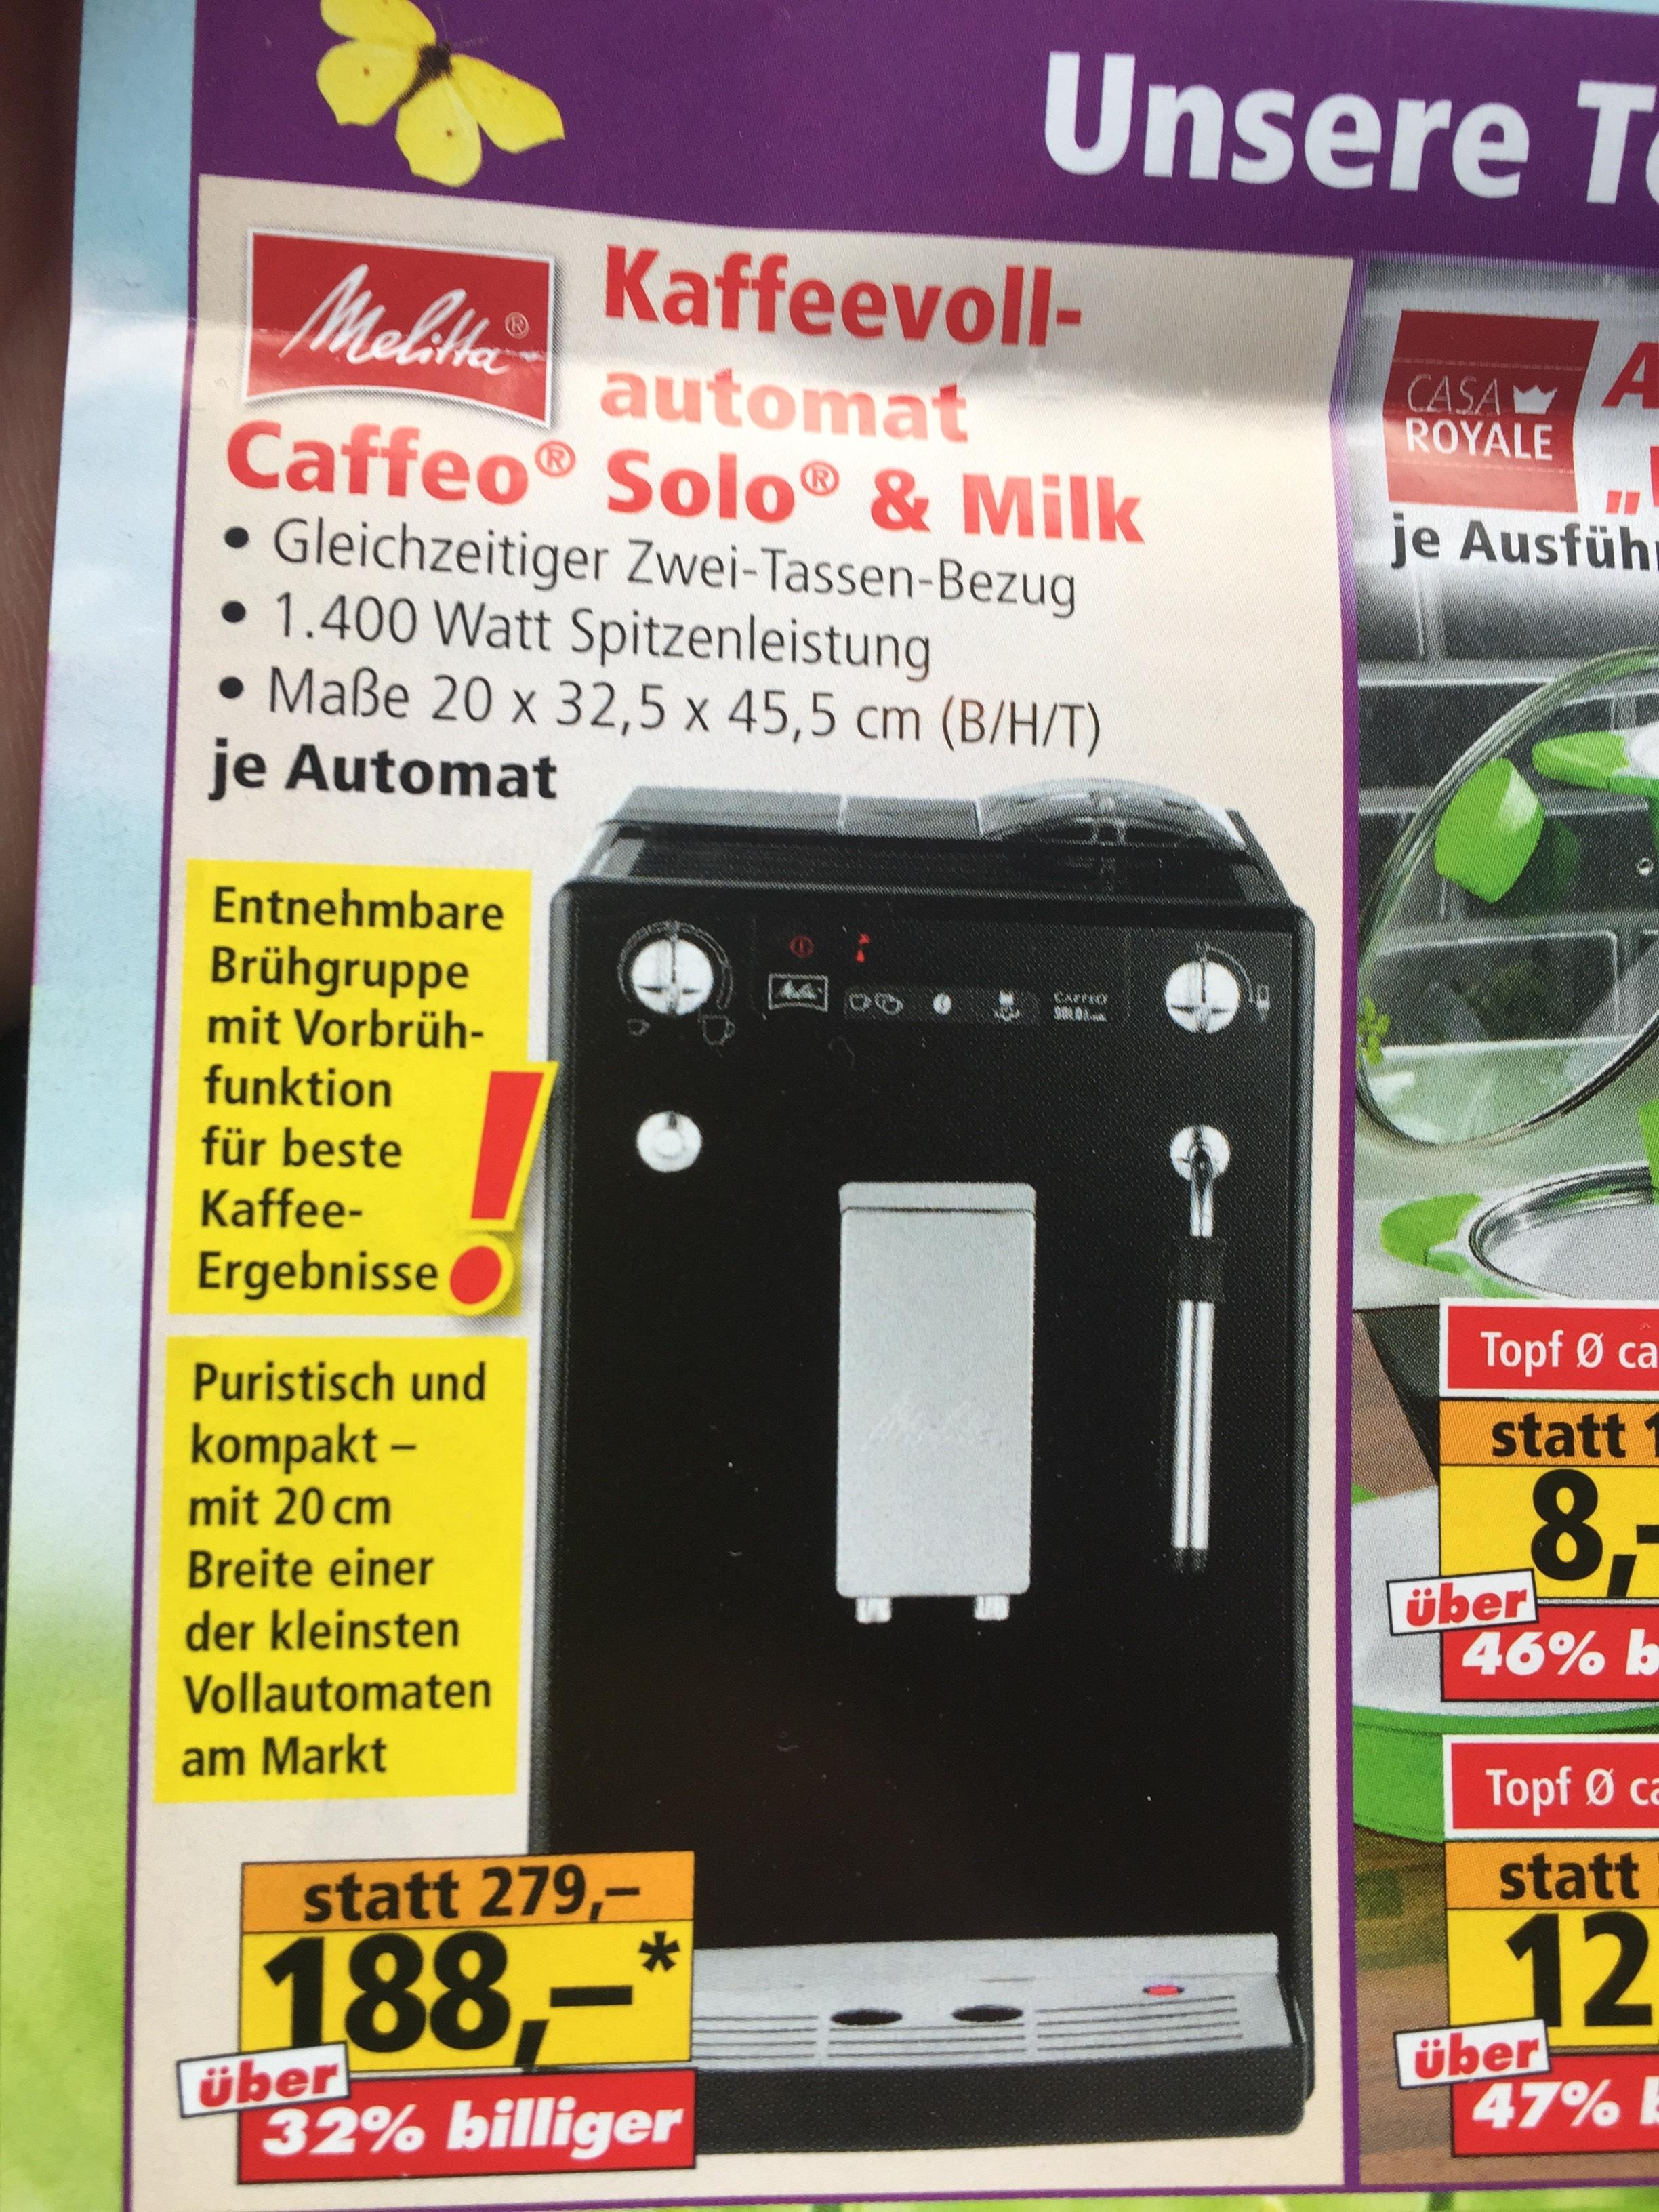 [Lokal Nürnberg, Norma Bierweg 31b]: Melitta Caffeo Solo & Milk